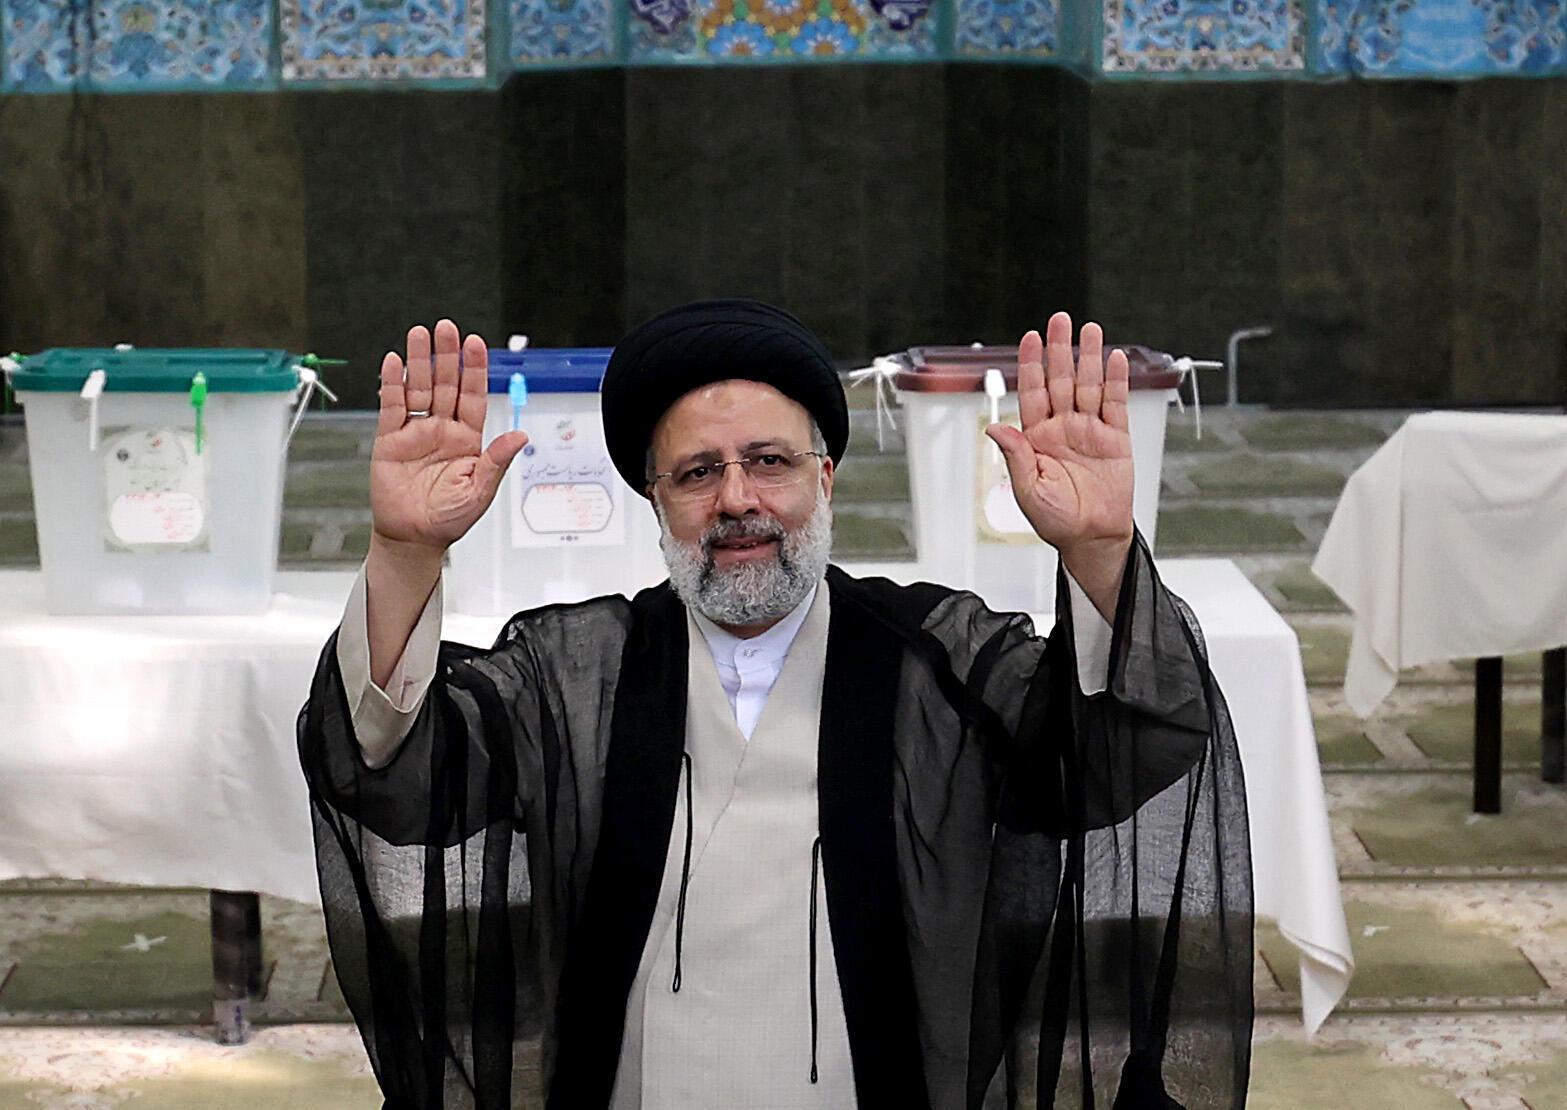 ابراهيم رئيسي بعد الإدلاء بصوته في الانتخابات الرئاسية الإيرانية في 18 حزيران/يونيو 2021.